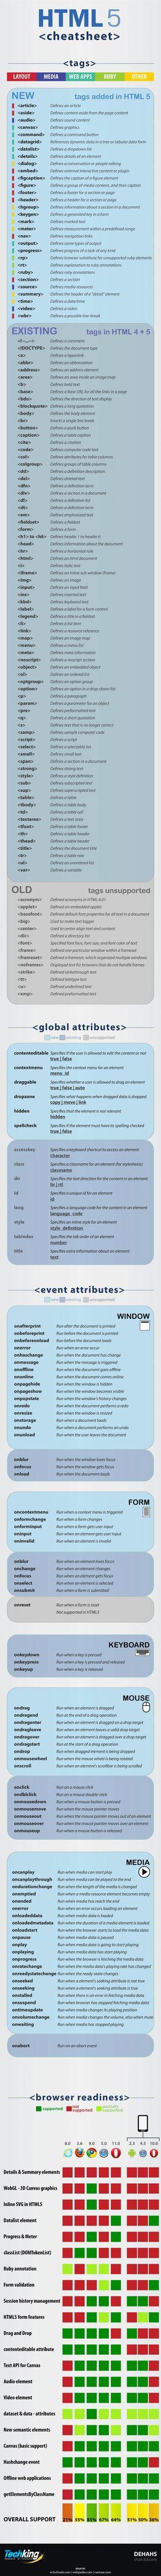 Infographie : Pour tout savoir sur l'HTML5 : tags, attributs, compatibilité…